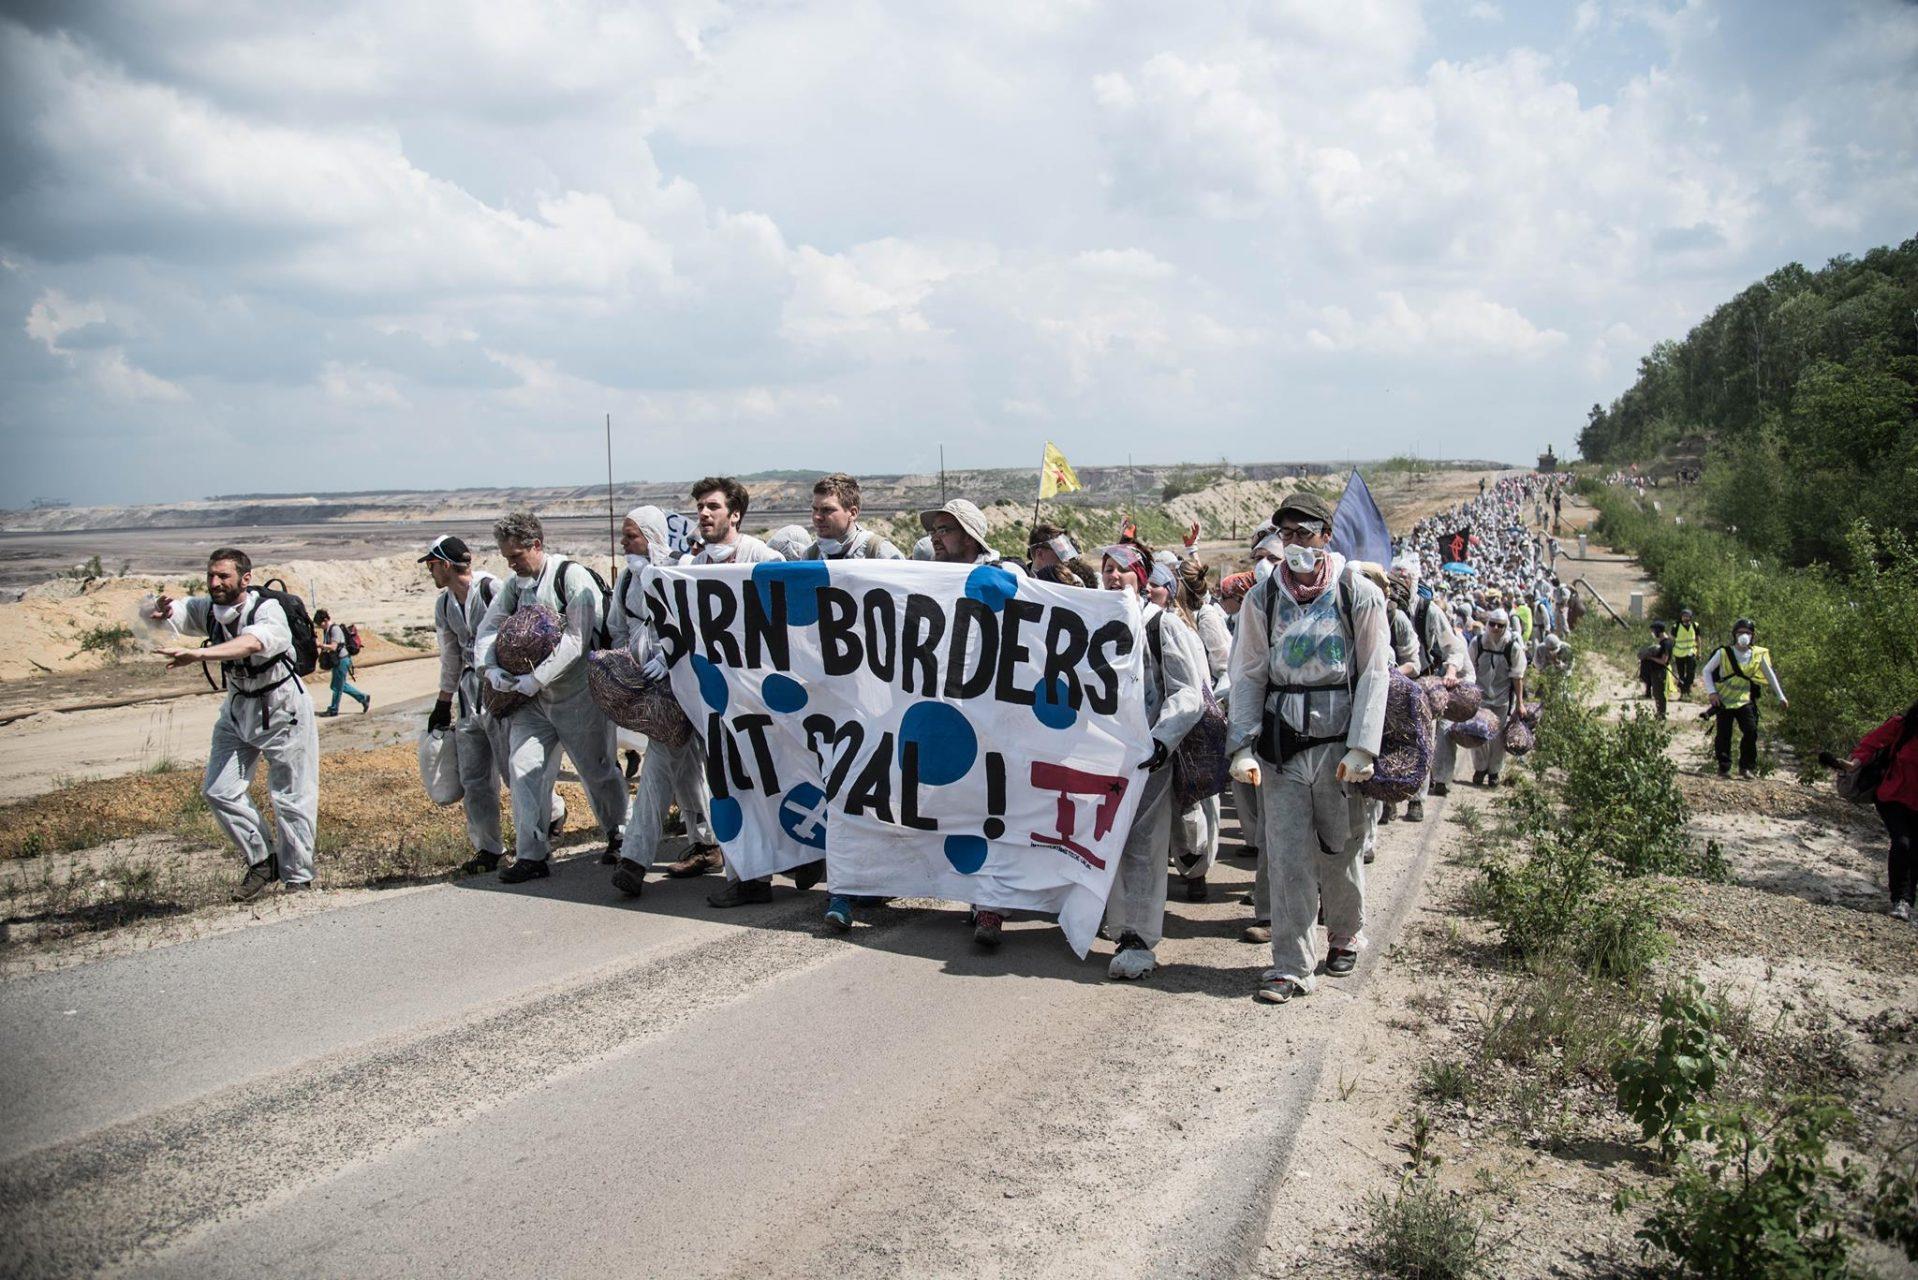 burn borders not coal